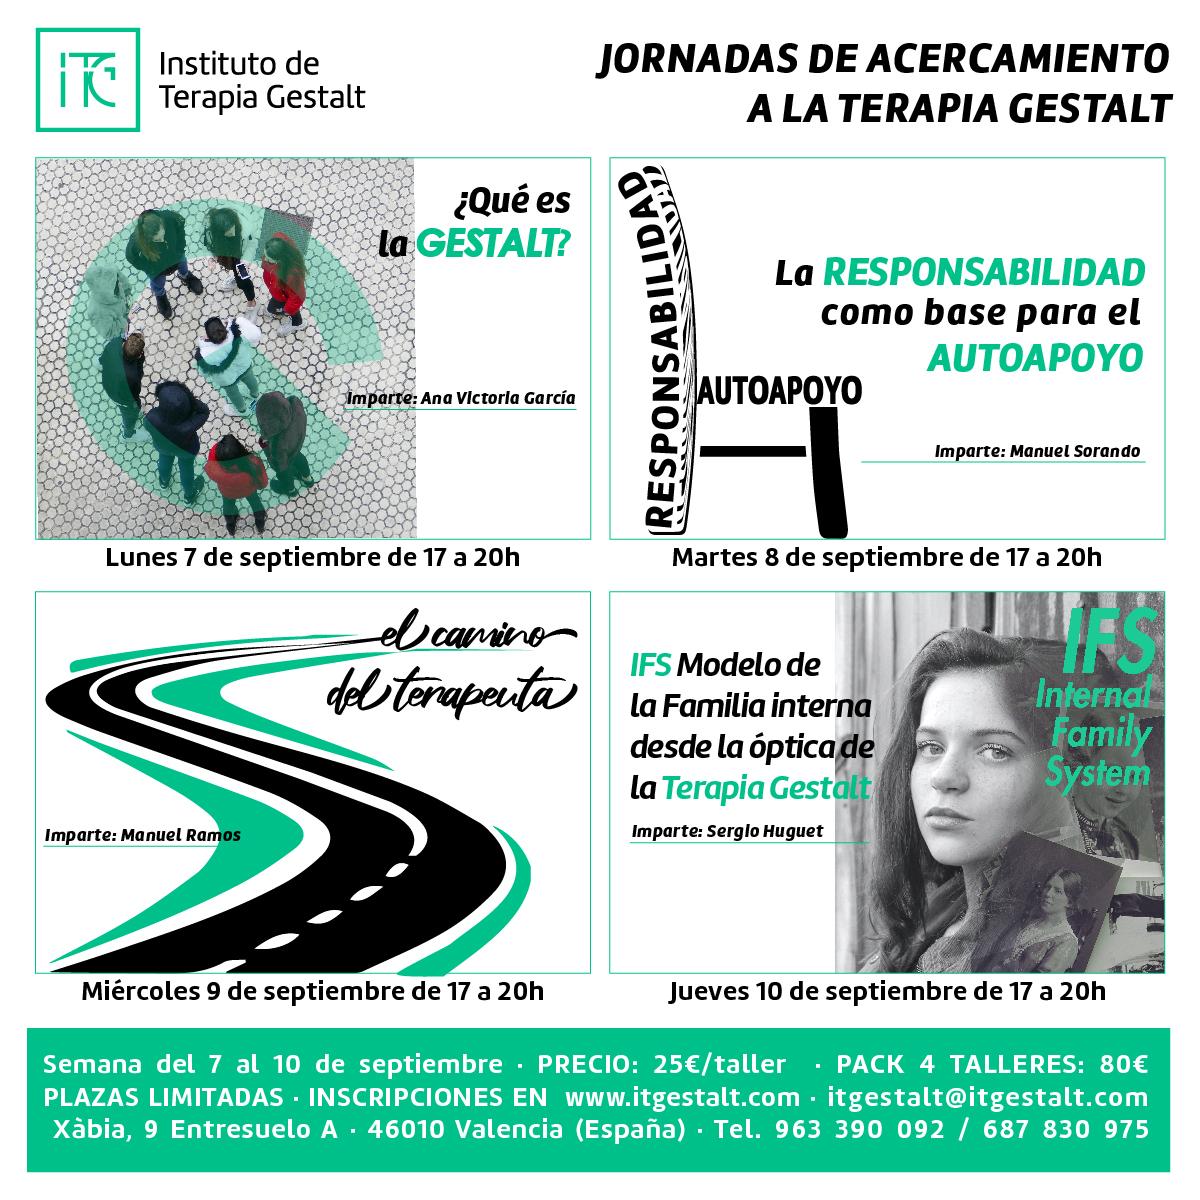 Jornadas de acercamiento a la Terapia Gestalt en el ITG de Valencia